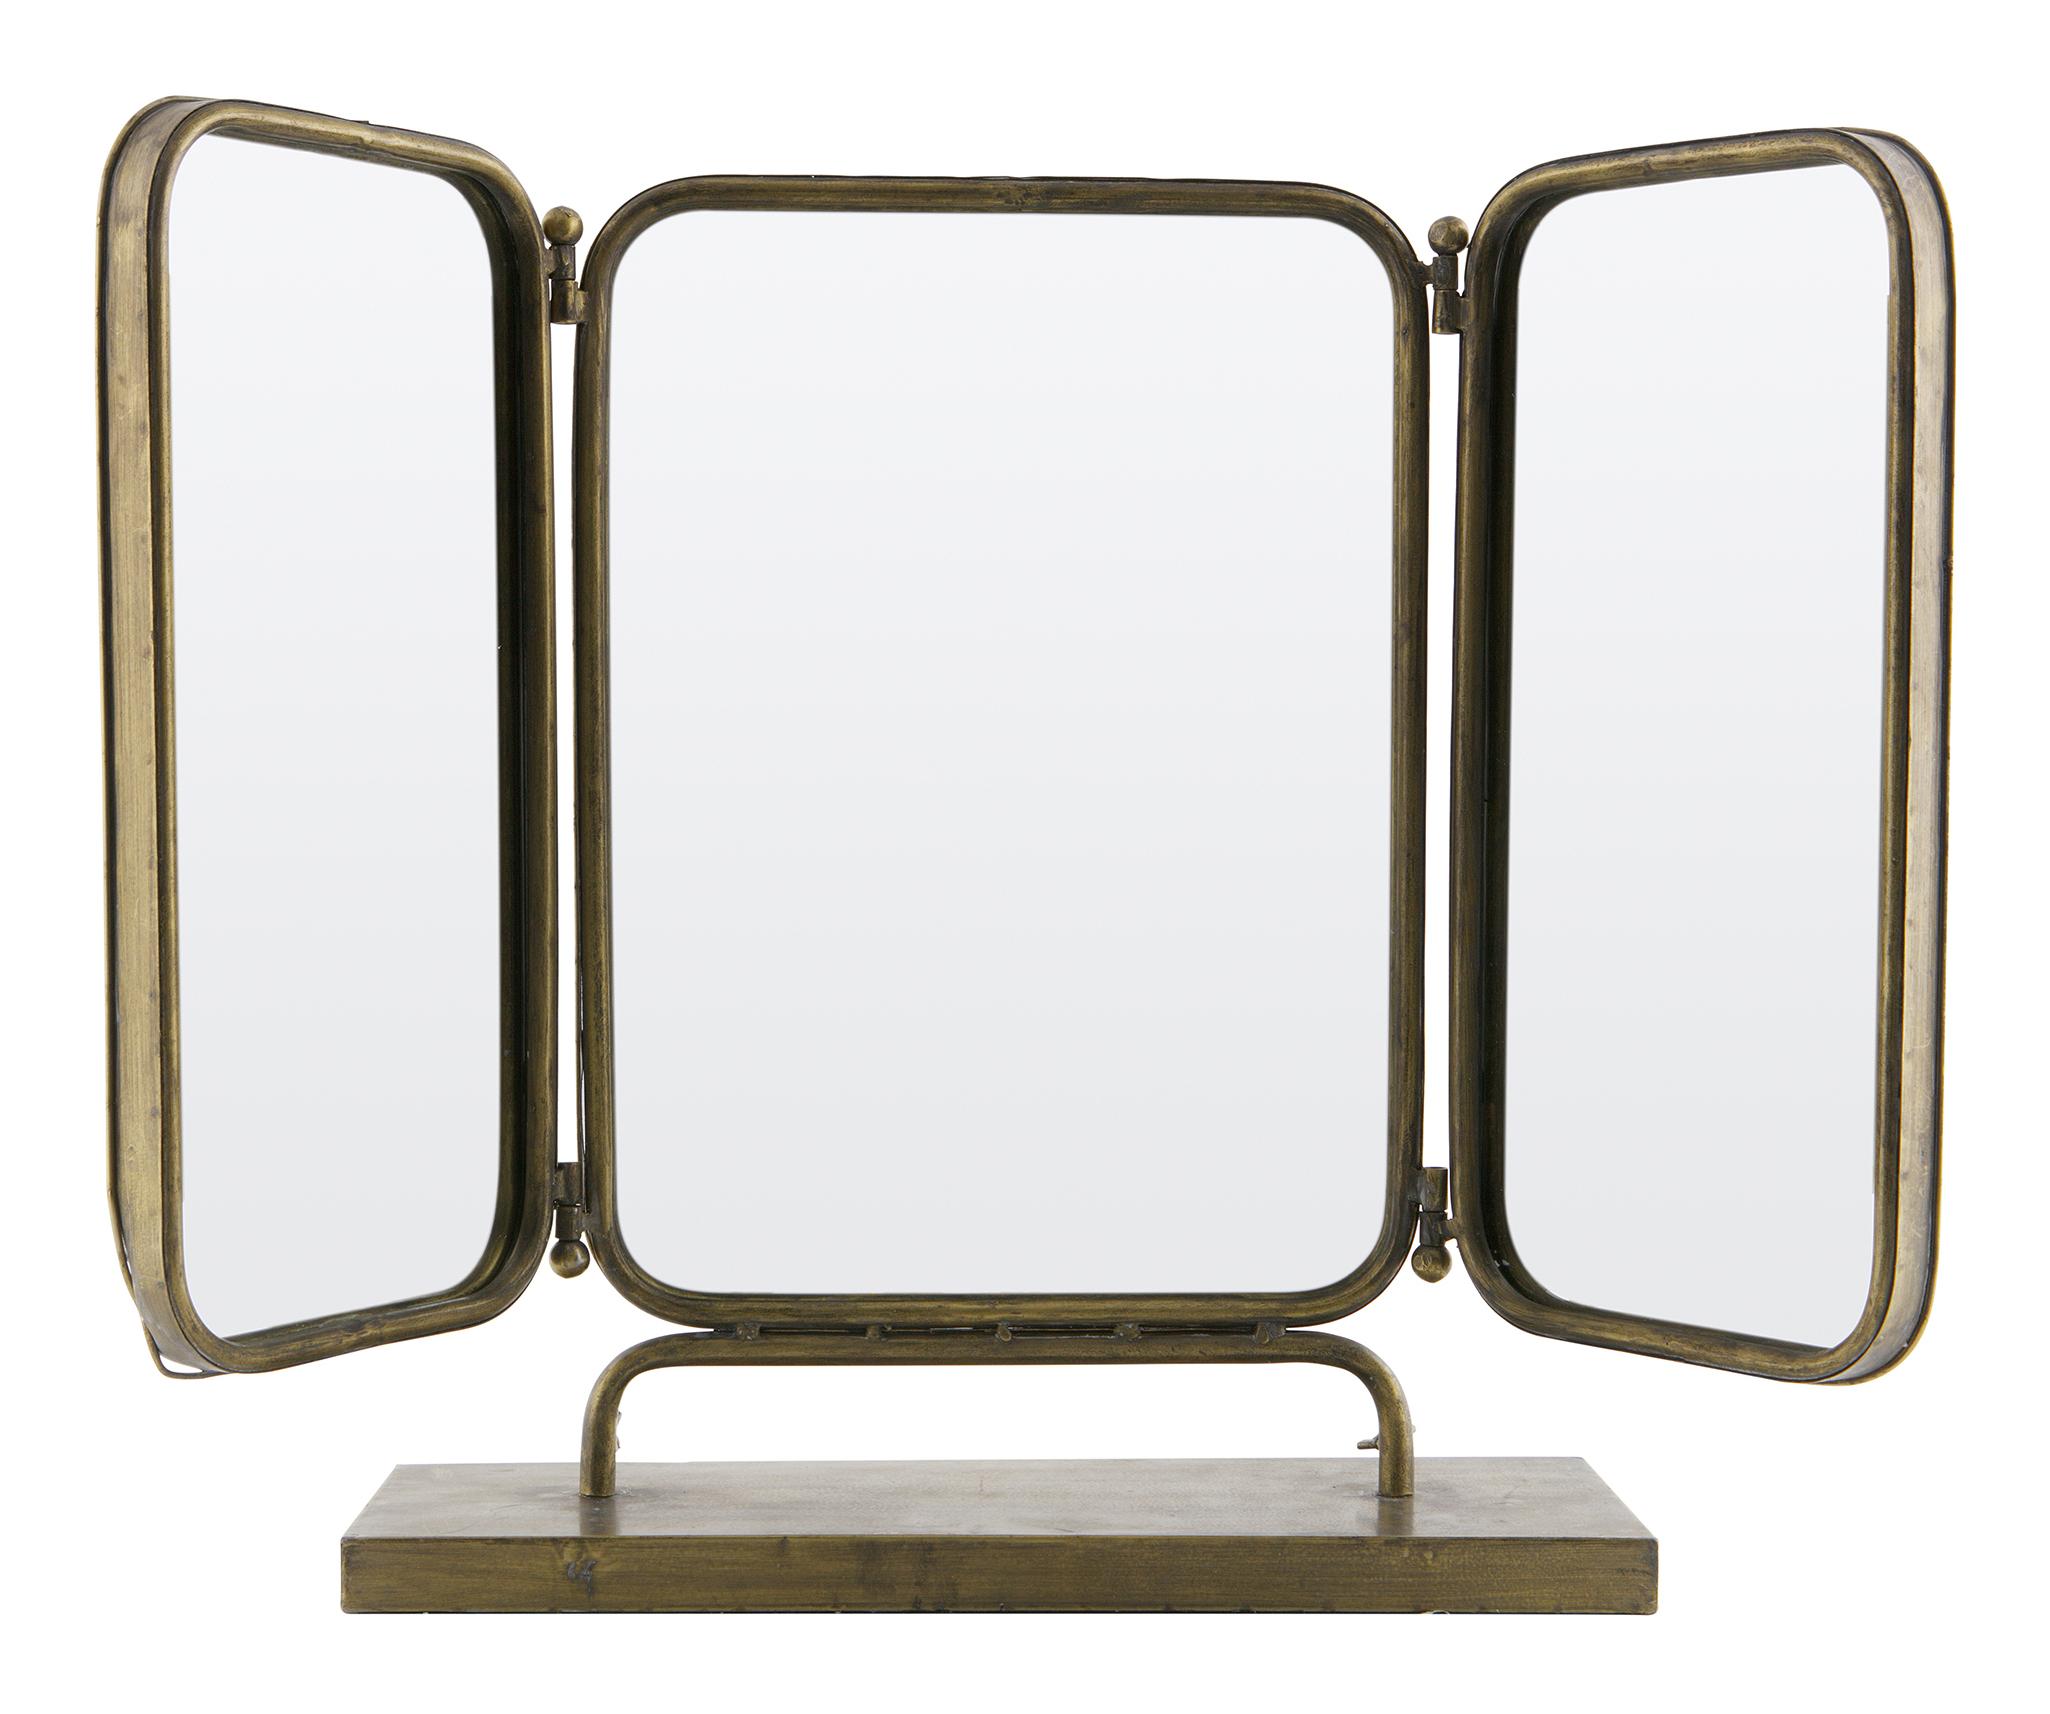 BePureHome Spiegel 'Anonymous' kleur Antique Brass Woonaccessoires | Spiegels kopen